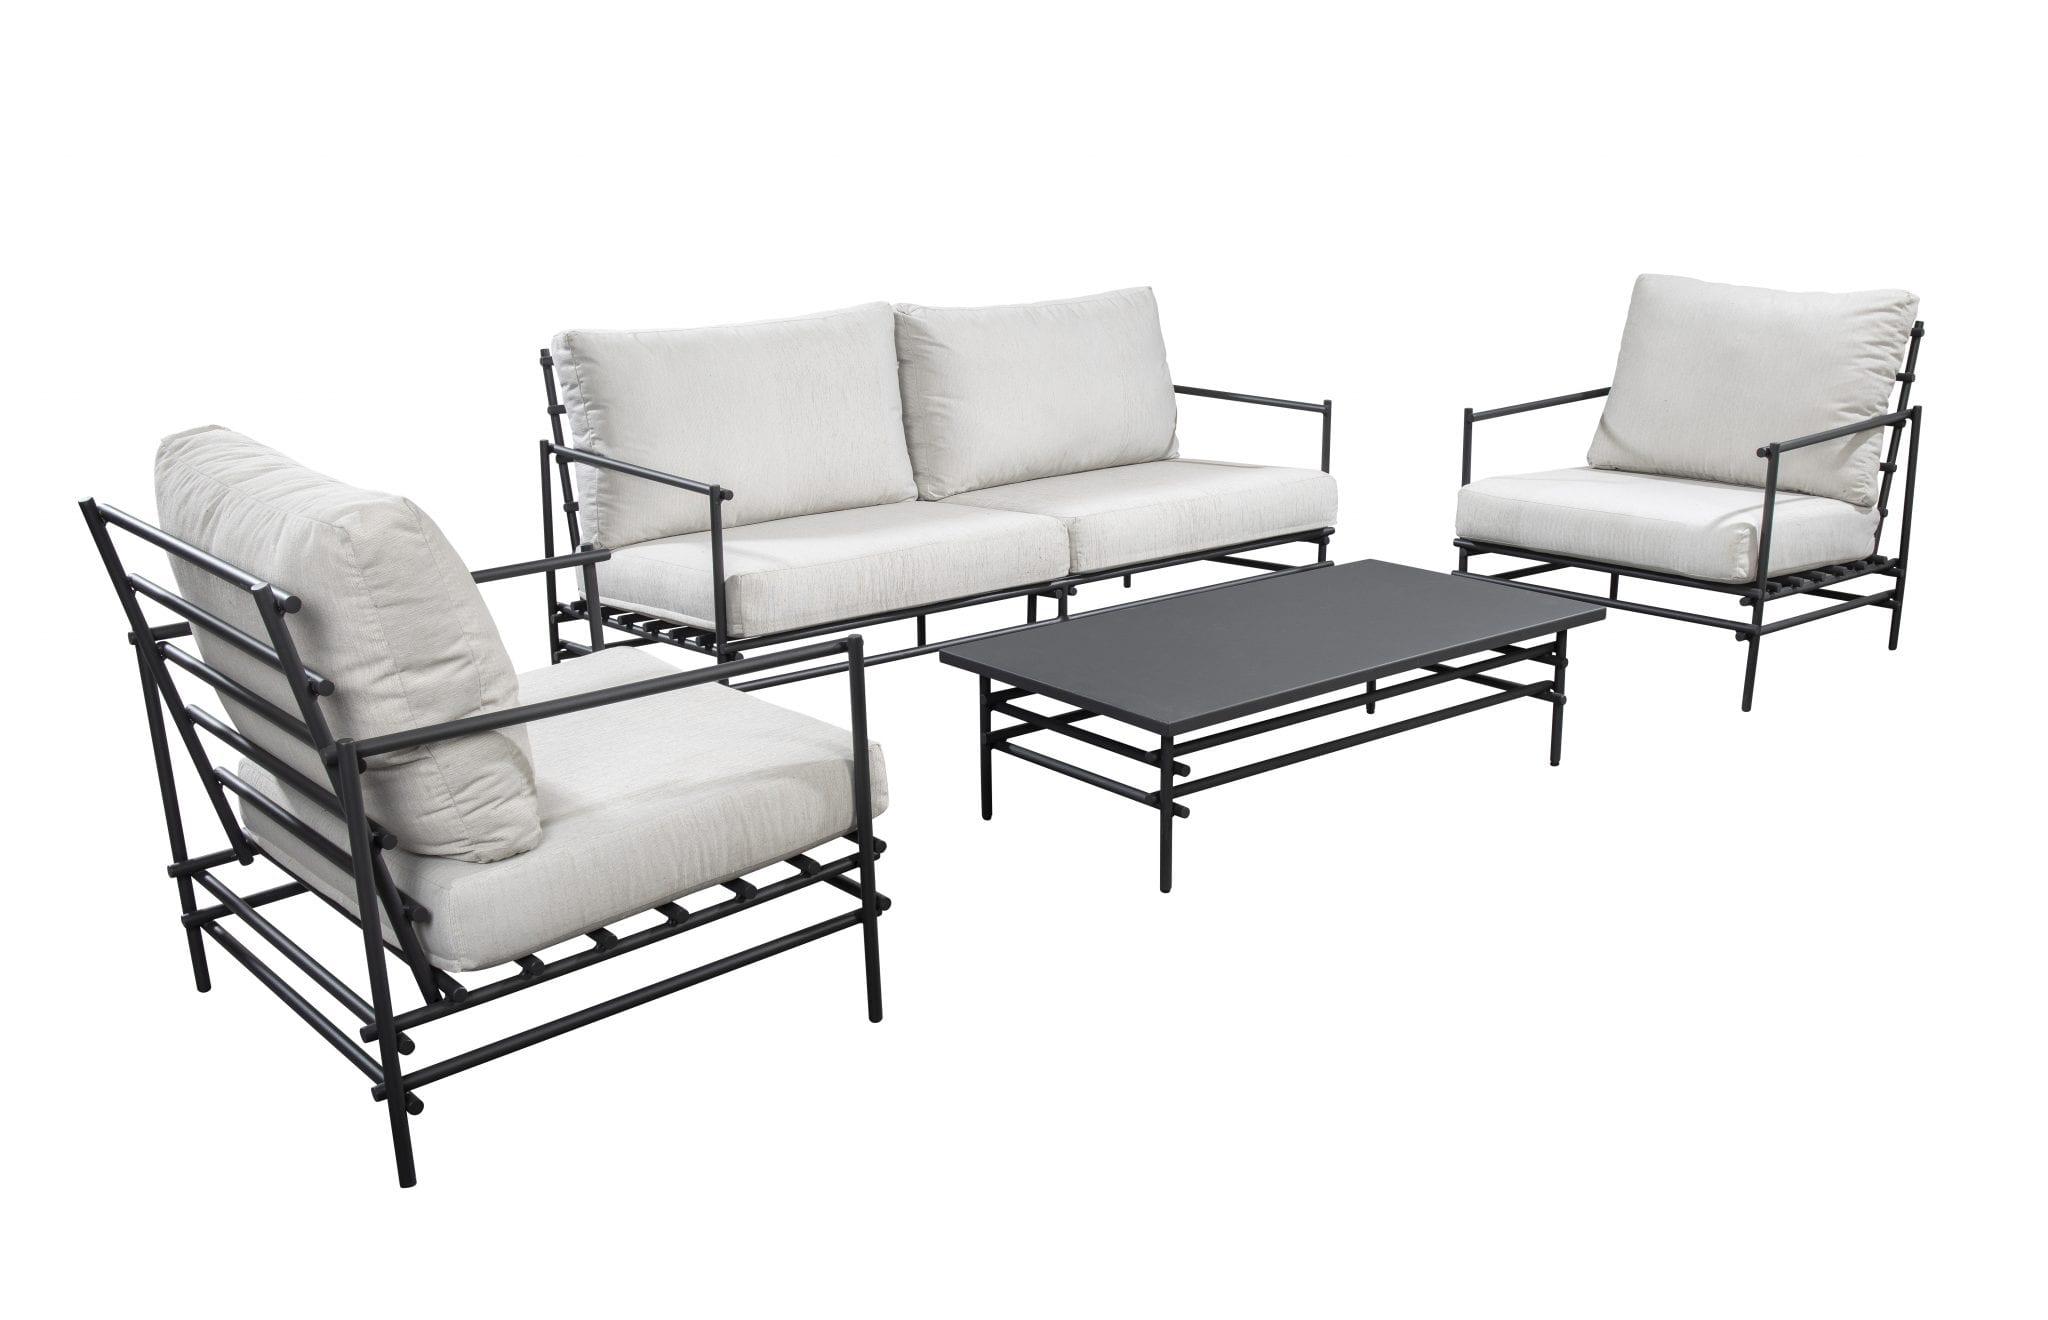 Ki lounge set - dark grey | Yoi Furniture